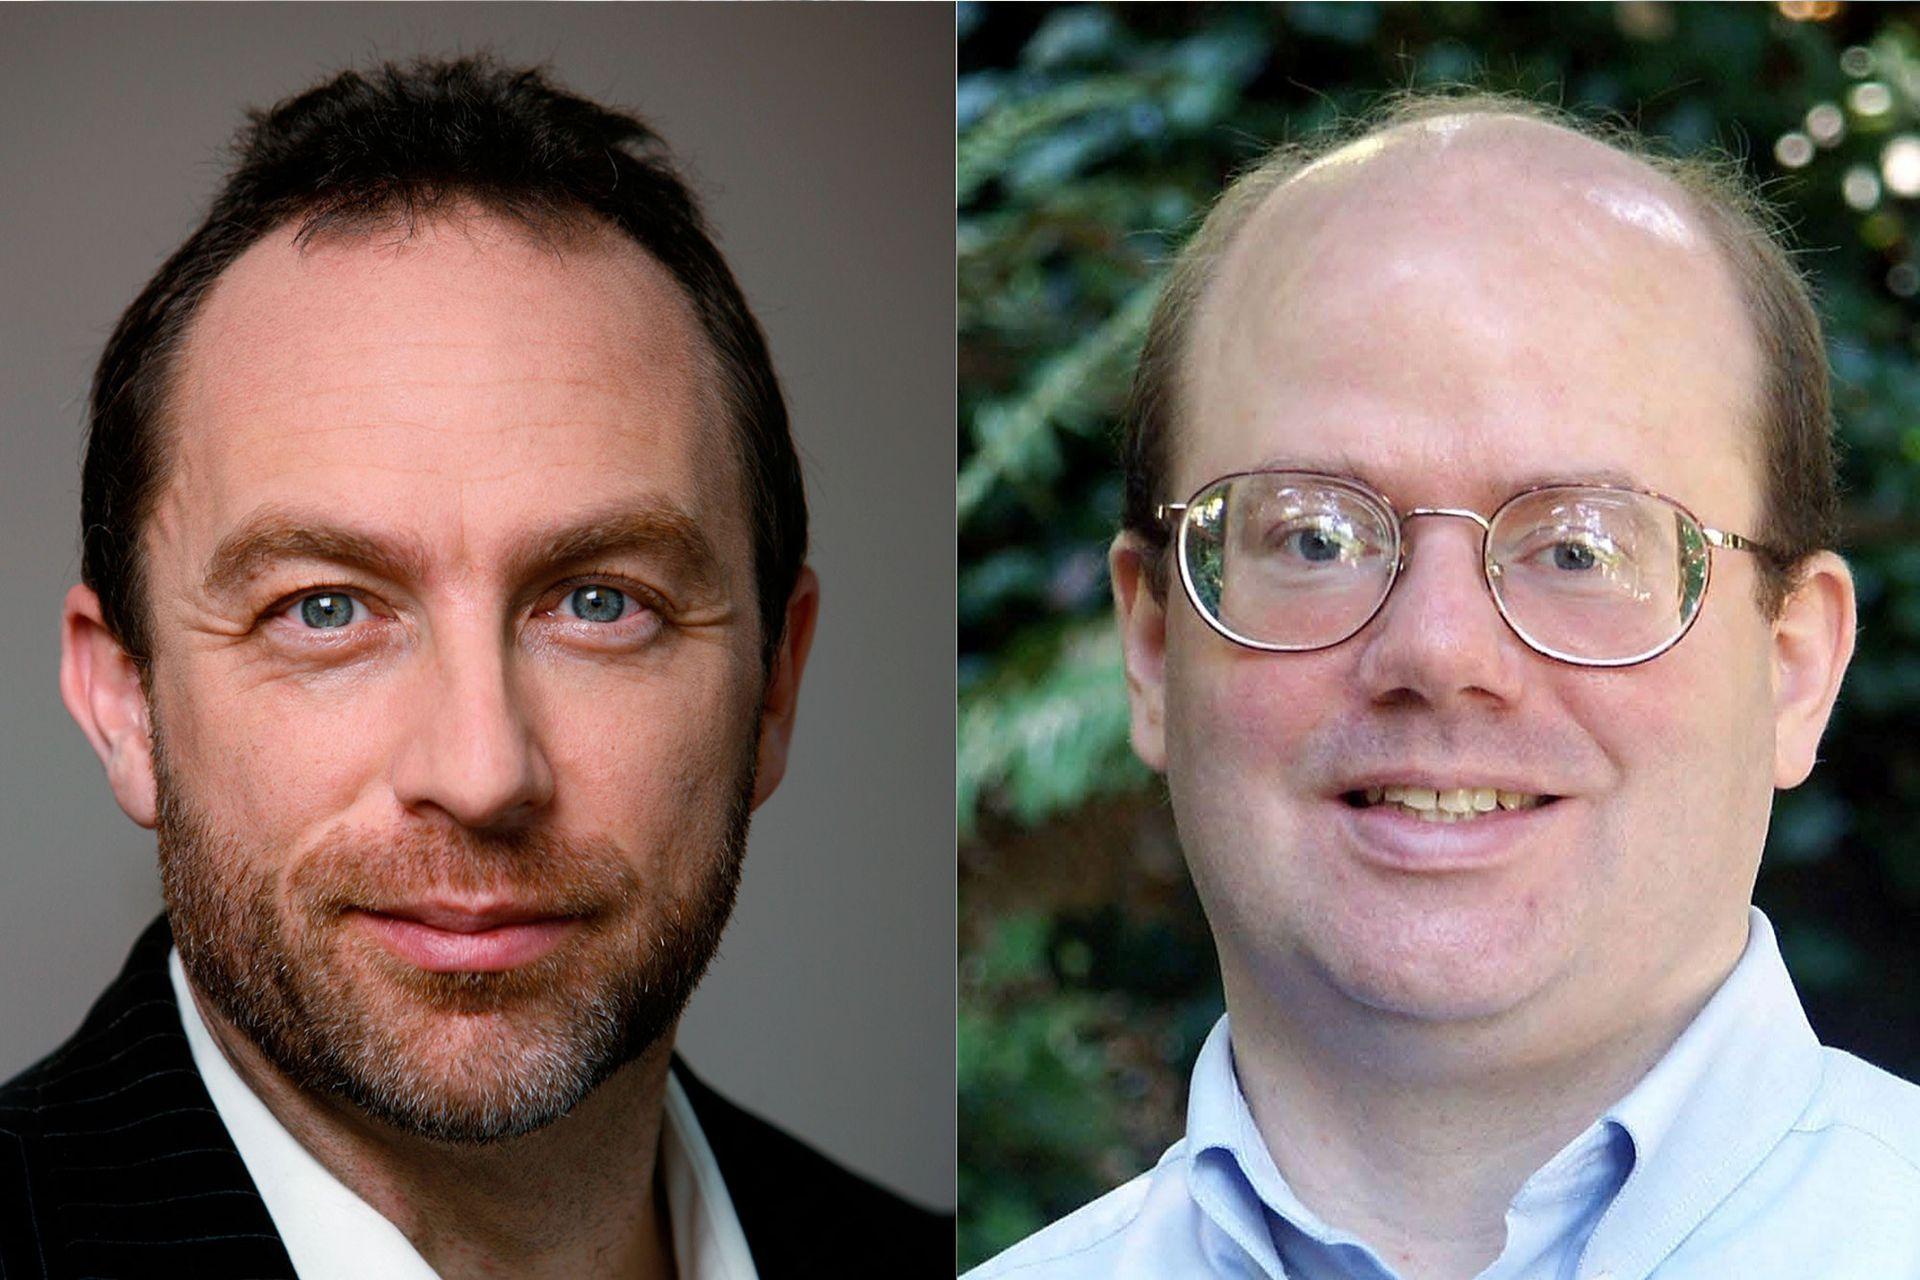 Jimmy Wales y Larry Sanger crearon Nupedia, una enciclopedia académica que dio origen a Wikipedia en 2001.